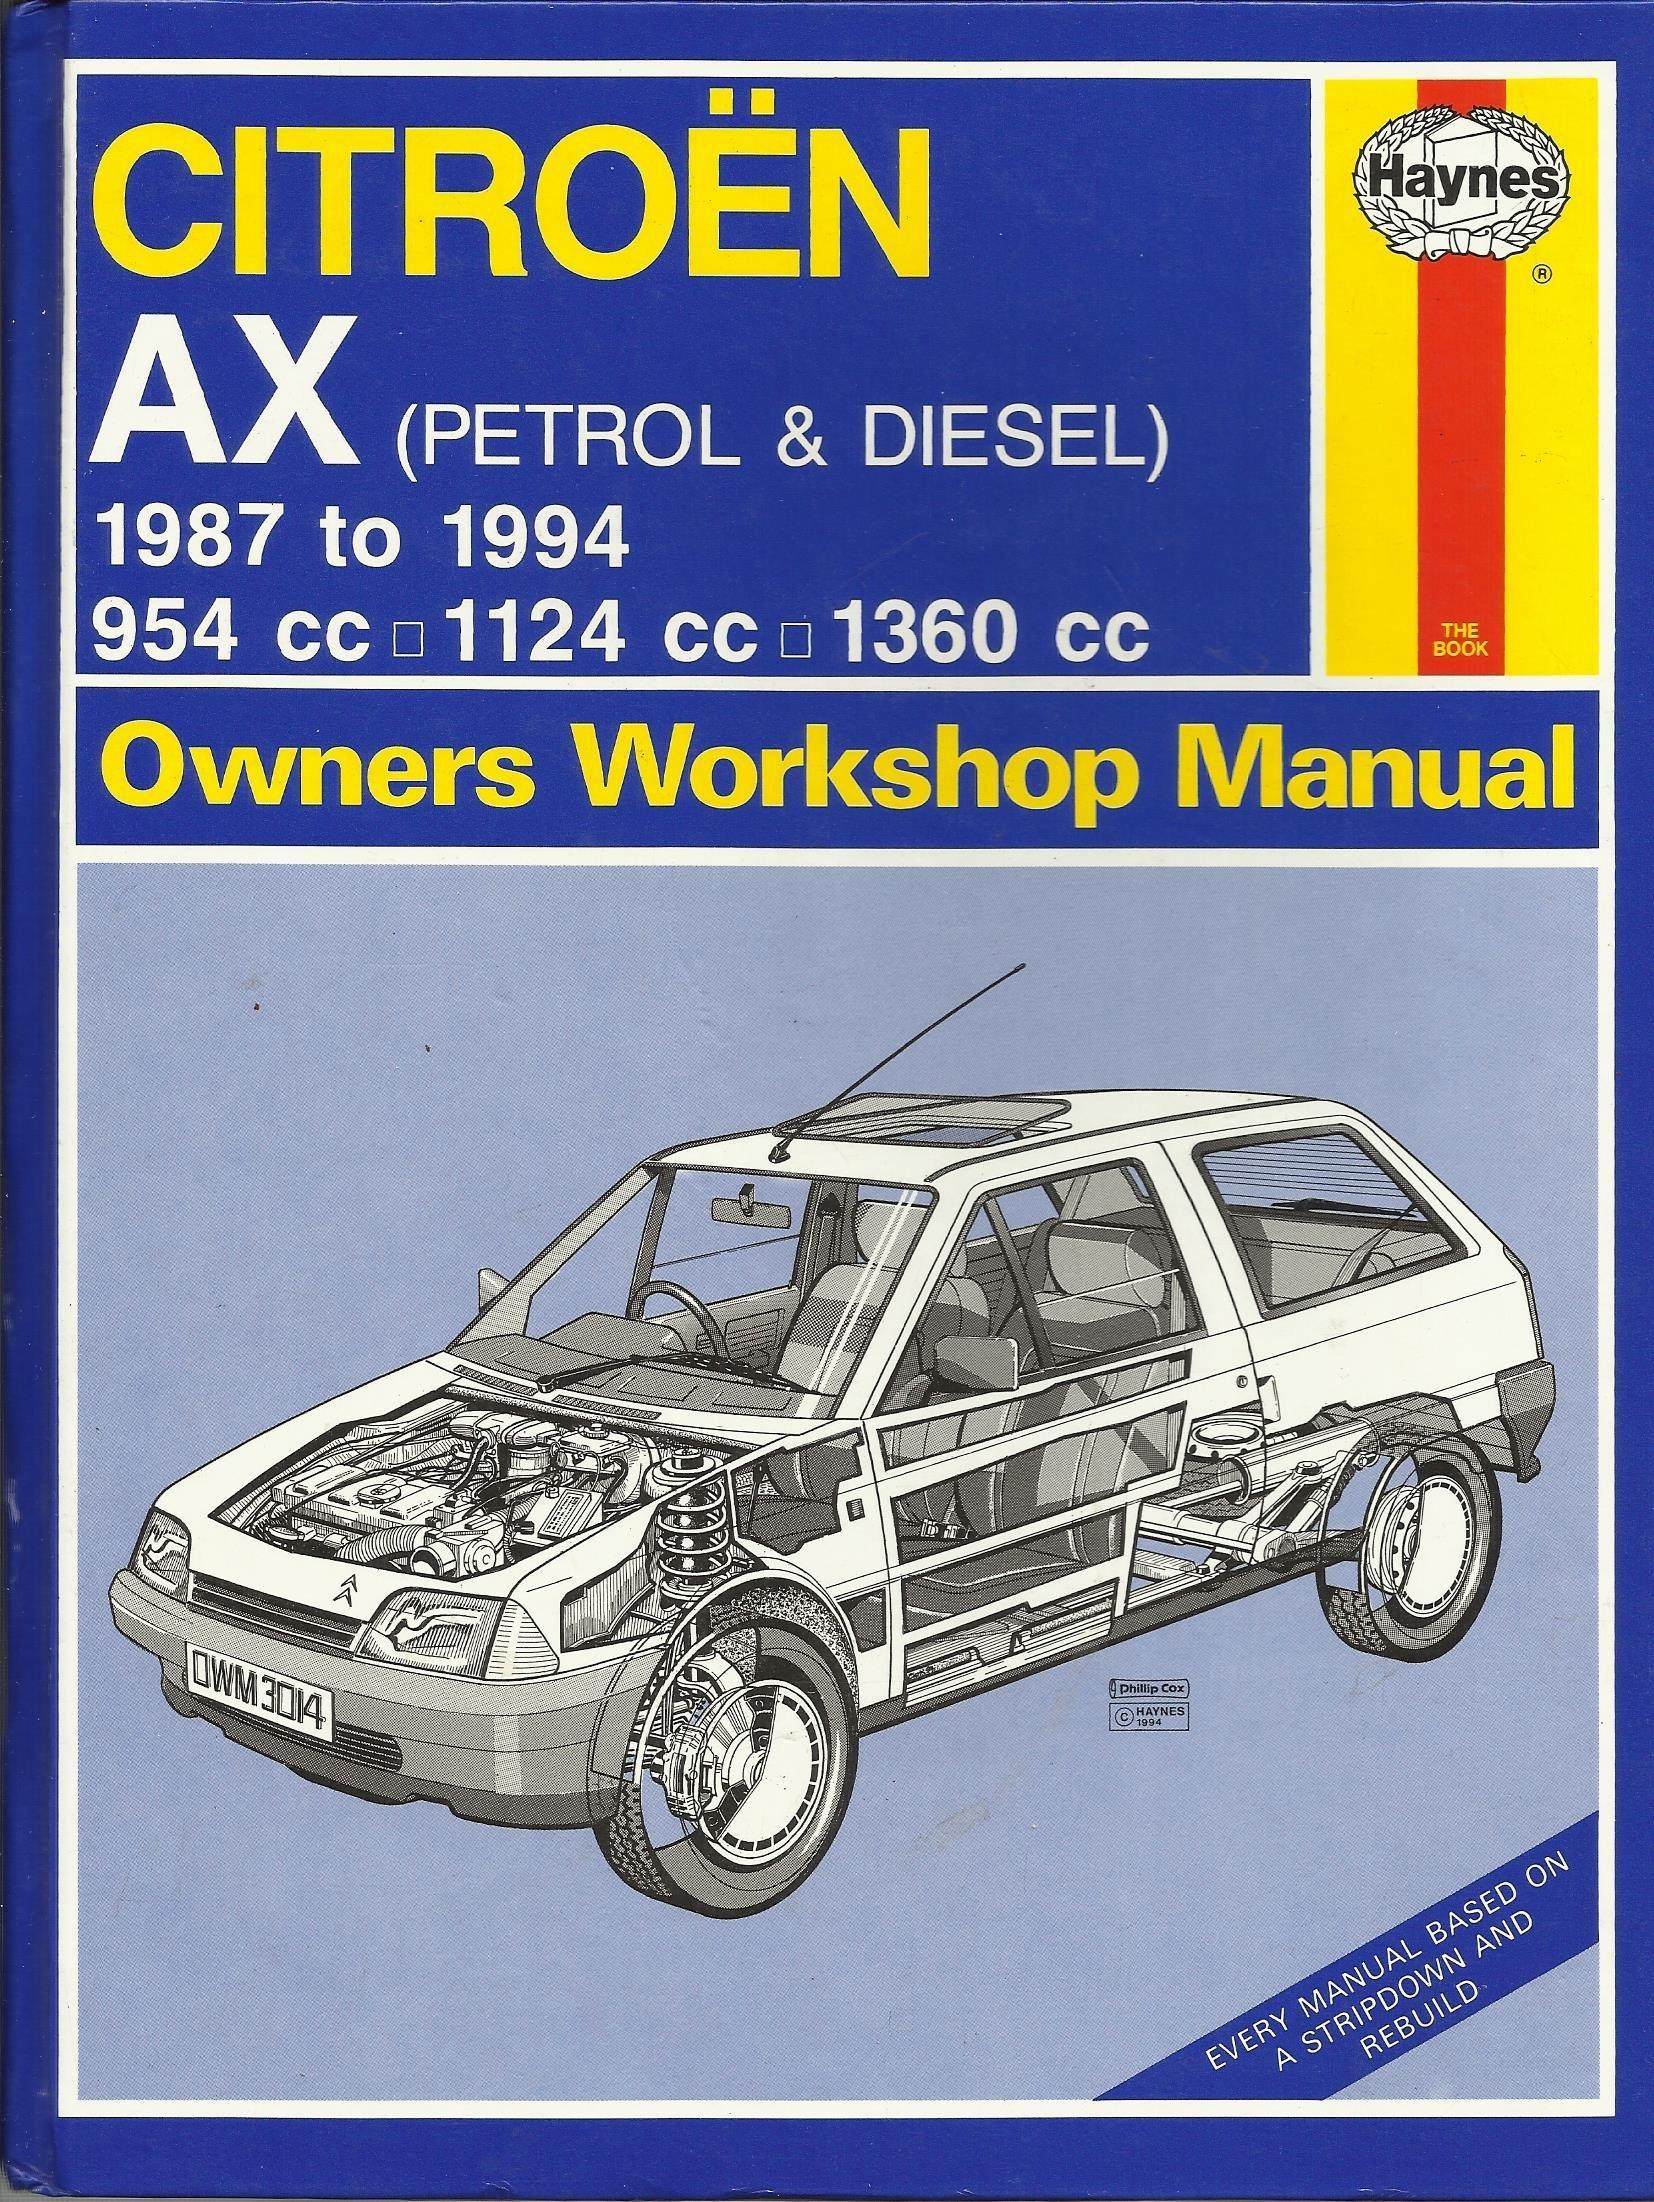 Citroën AX (Petrol & Diesel) Owners Workshop Manual